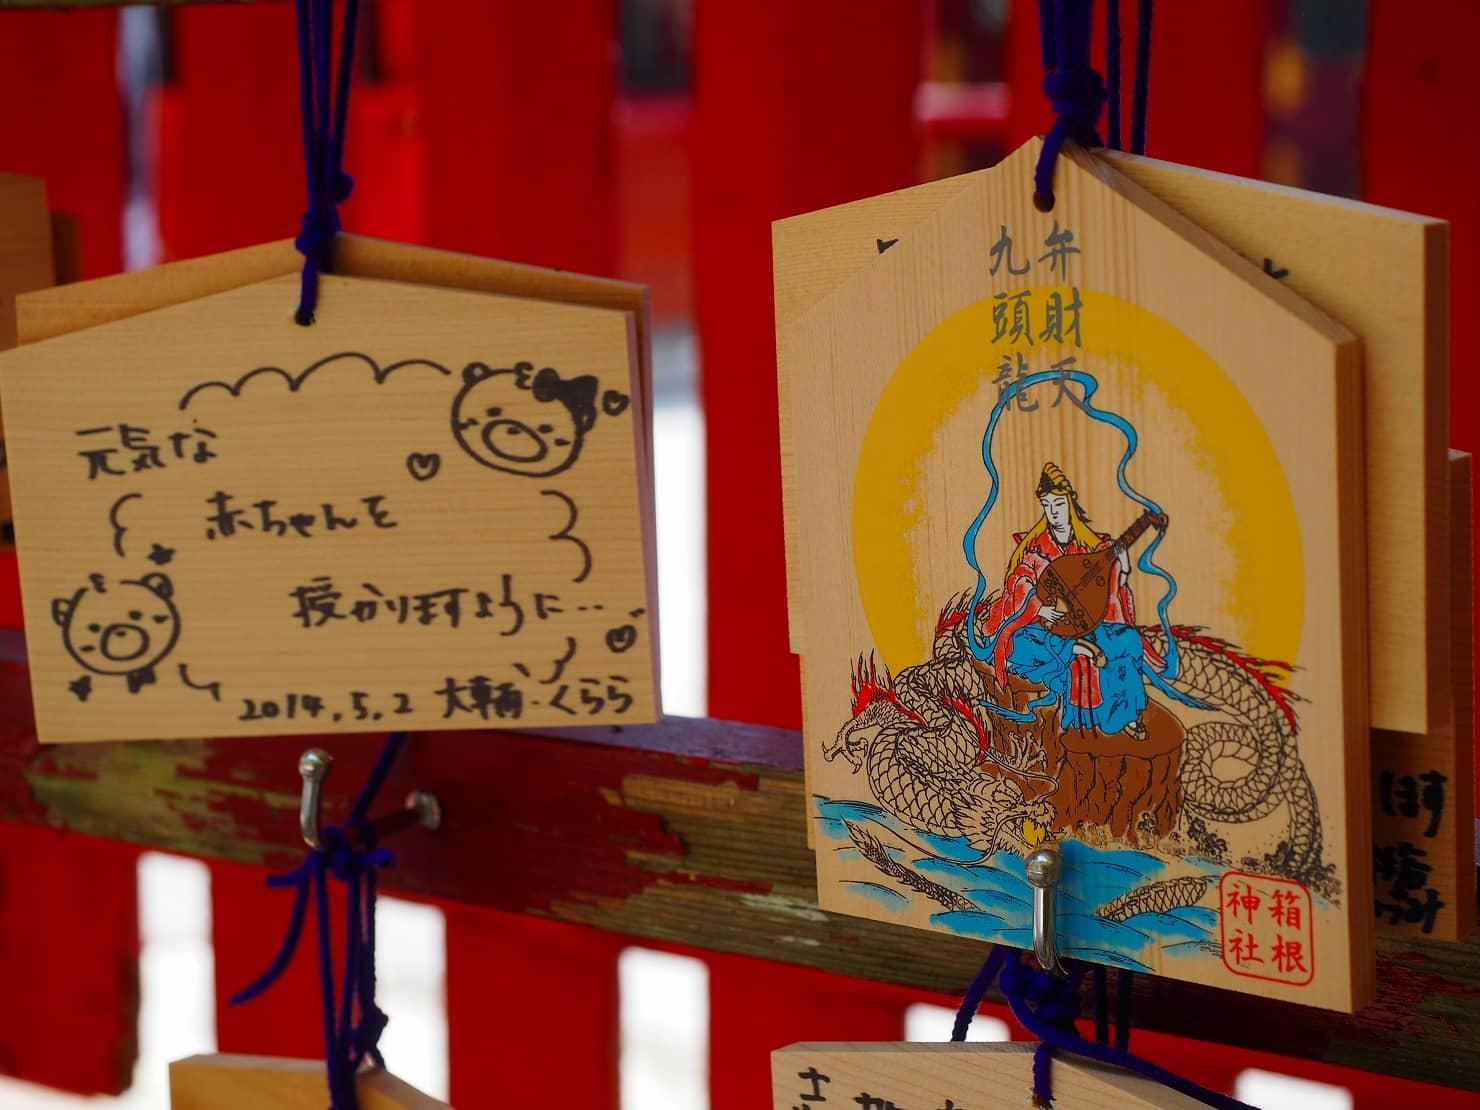 口コミで人気がある関東の子宝神社、子授け寺はどこ? 都道府県別人気ランキング